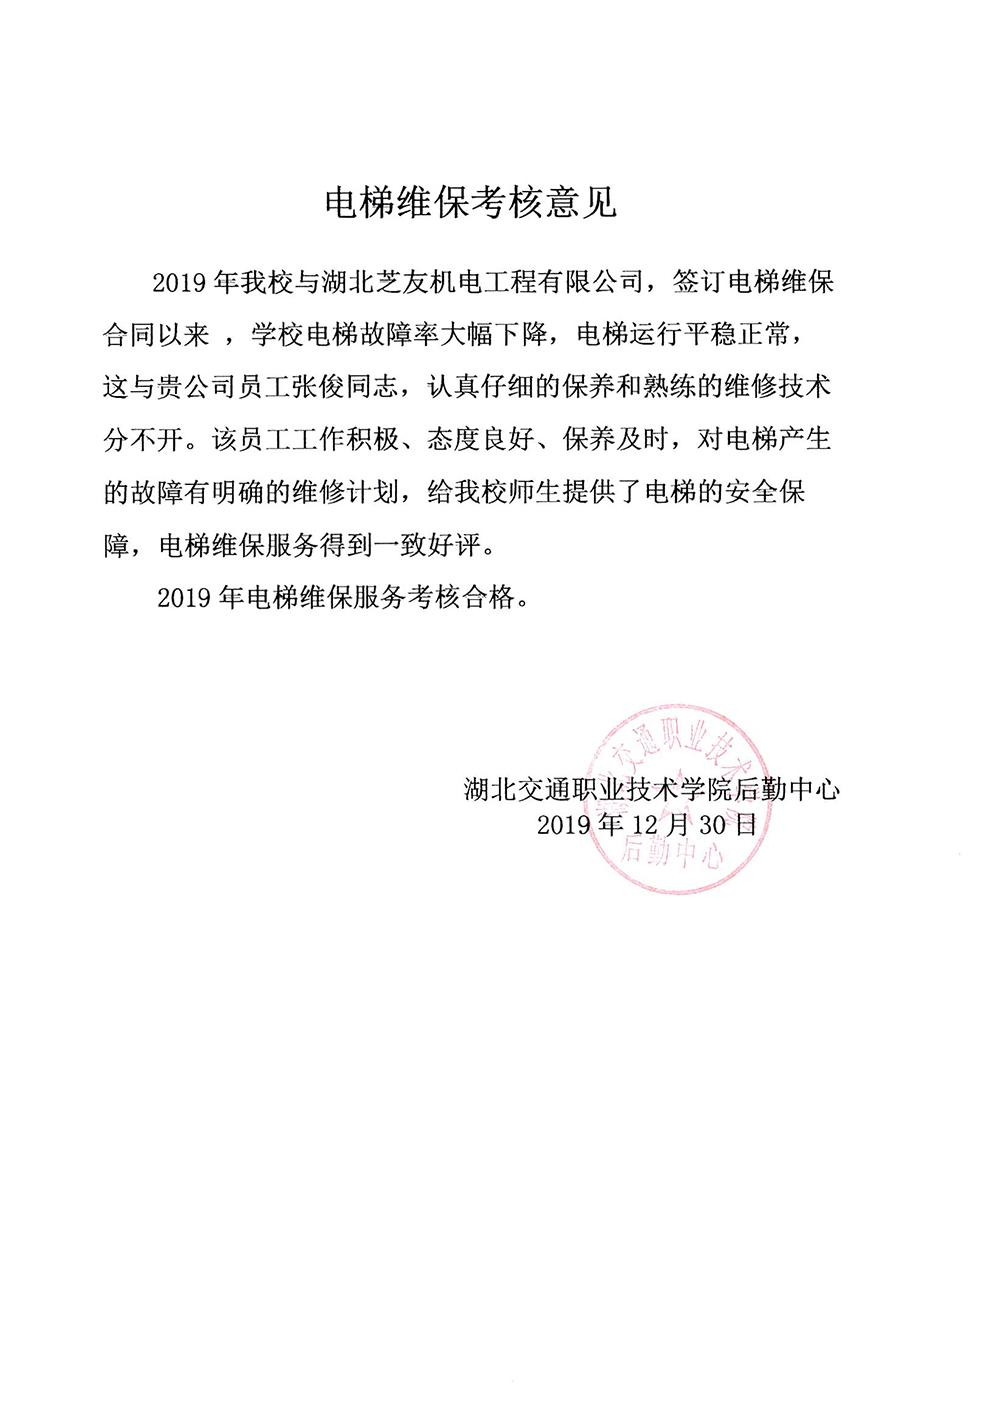 湖北職業技術學校表揚信